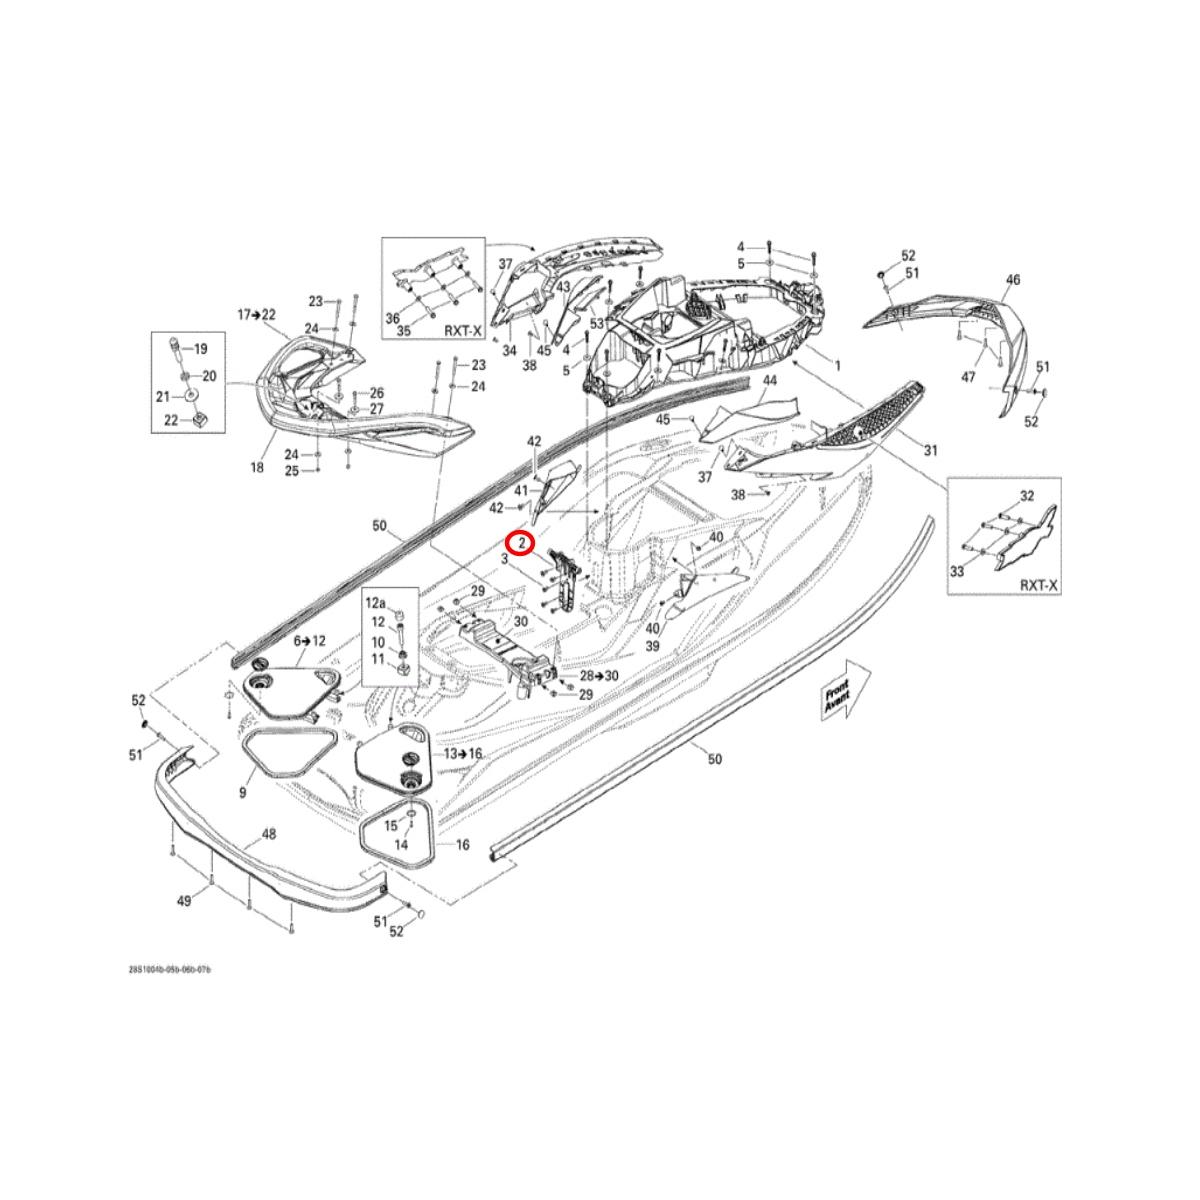 Suporte de Absorção de Casco Jet Ski SEADOO  - Radical Peças - Peças para Jet Ski